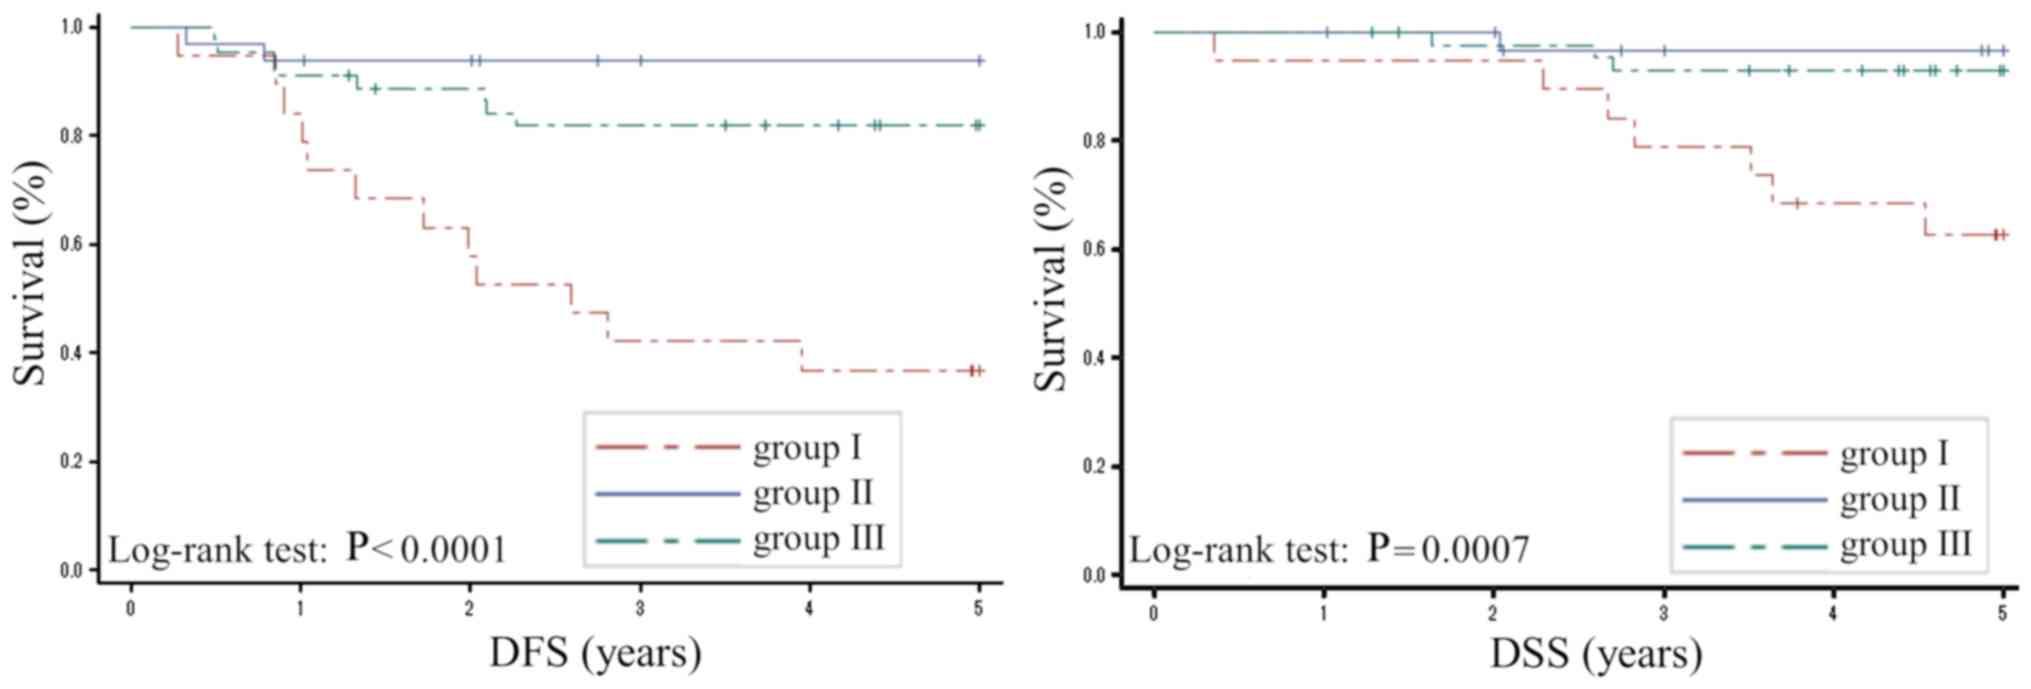 Predictive value of the ratio of 8‑hydroxydeoxyguanosine